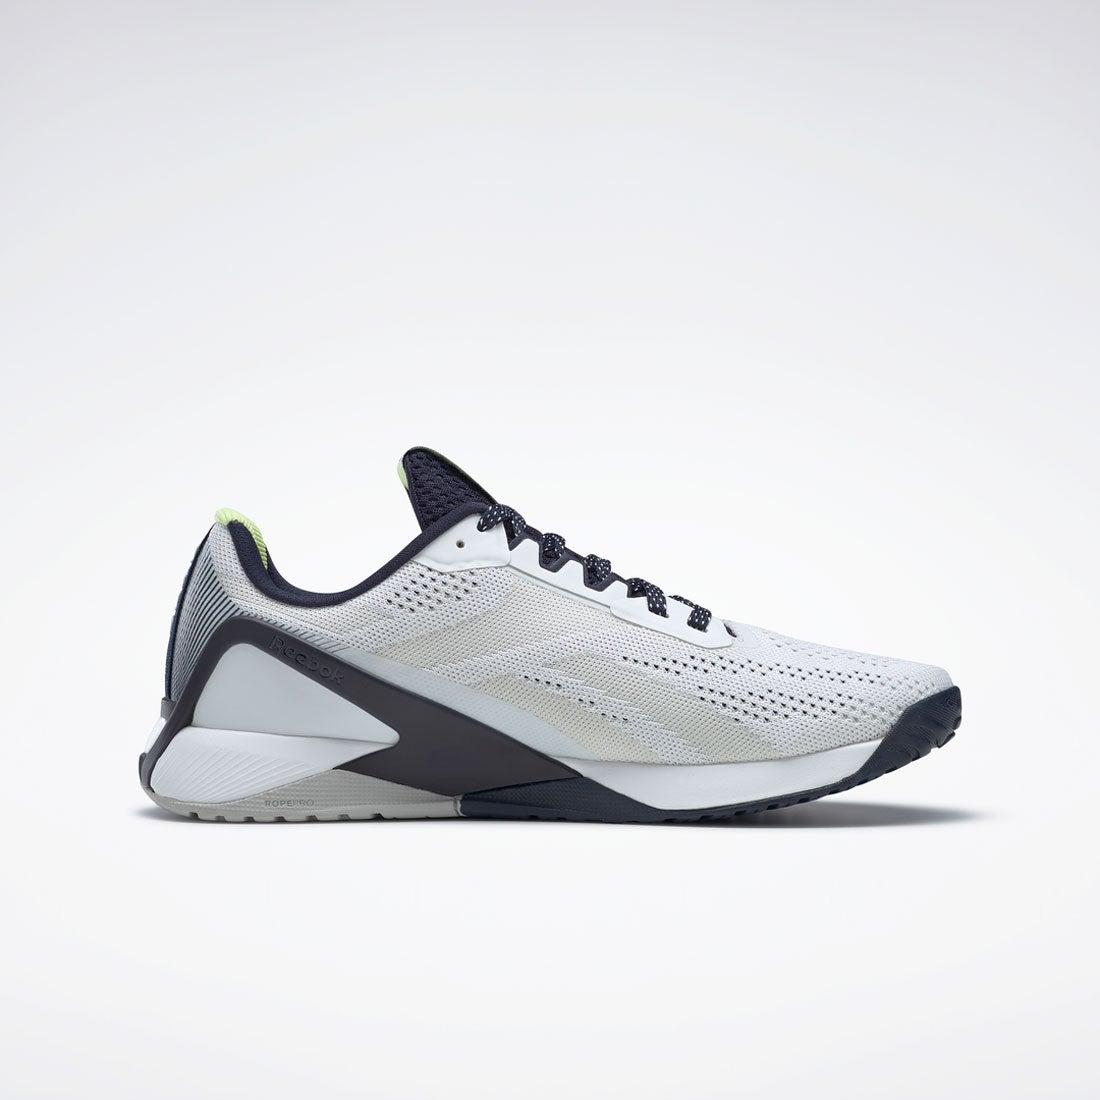 リーボック Reebok ナノ X1 / Nano X1 Shoes (ホワイト)